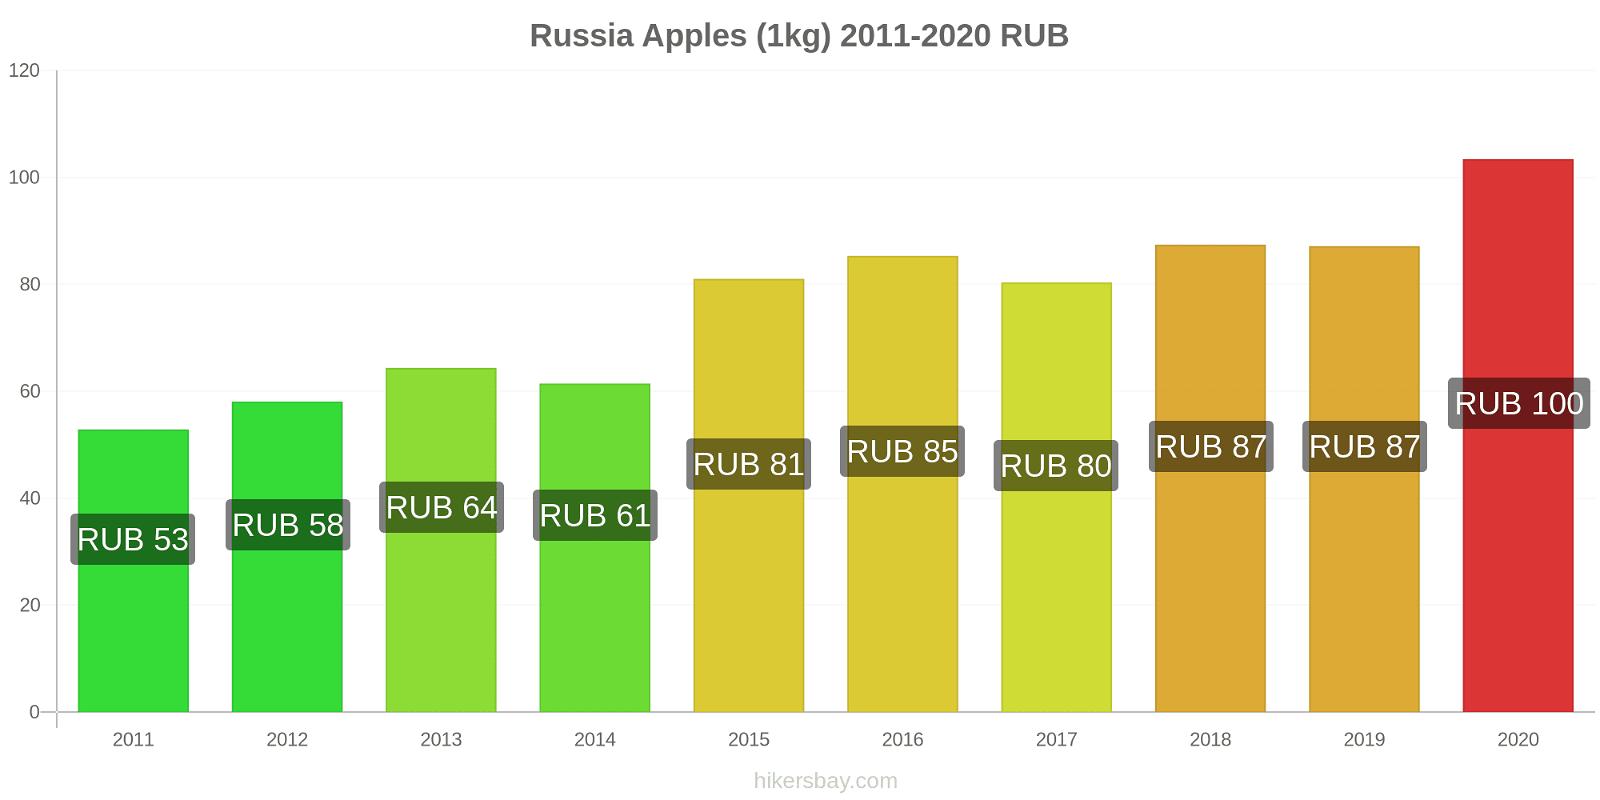 Russia price changes Apples (1kg) hikersbay.com